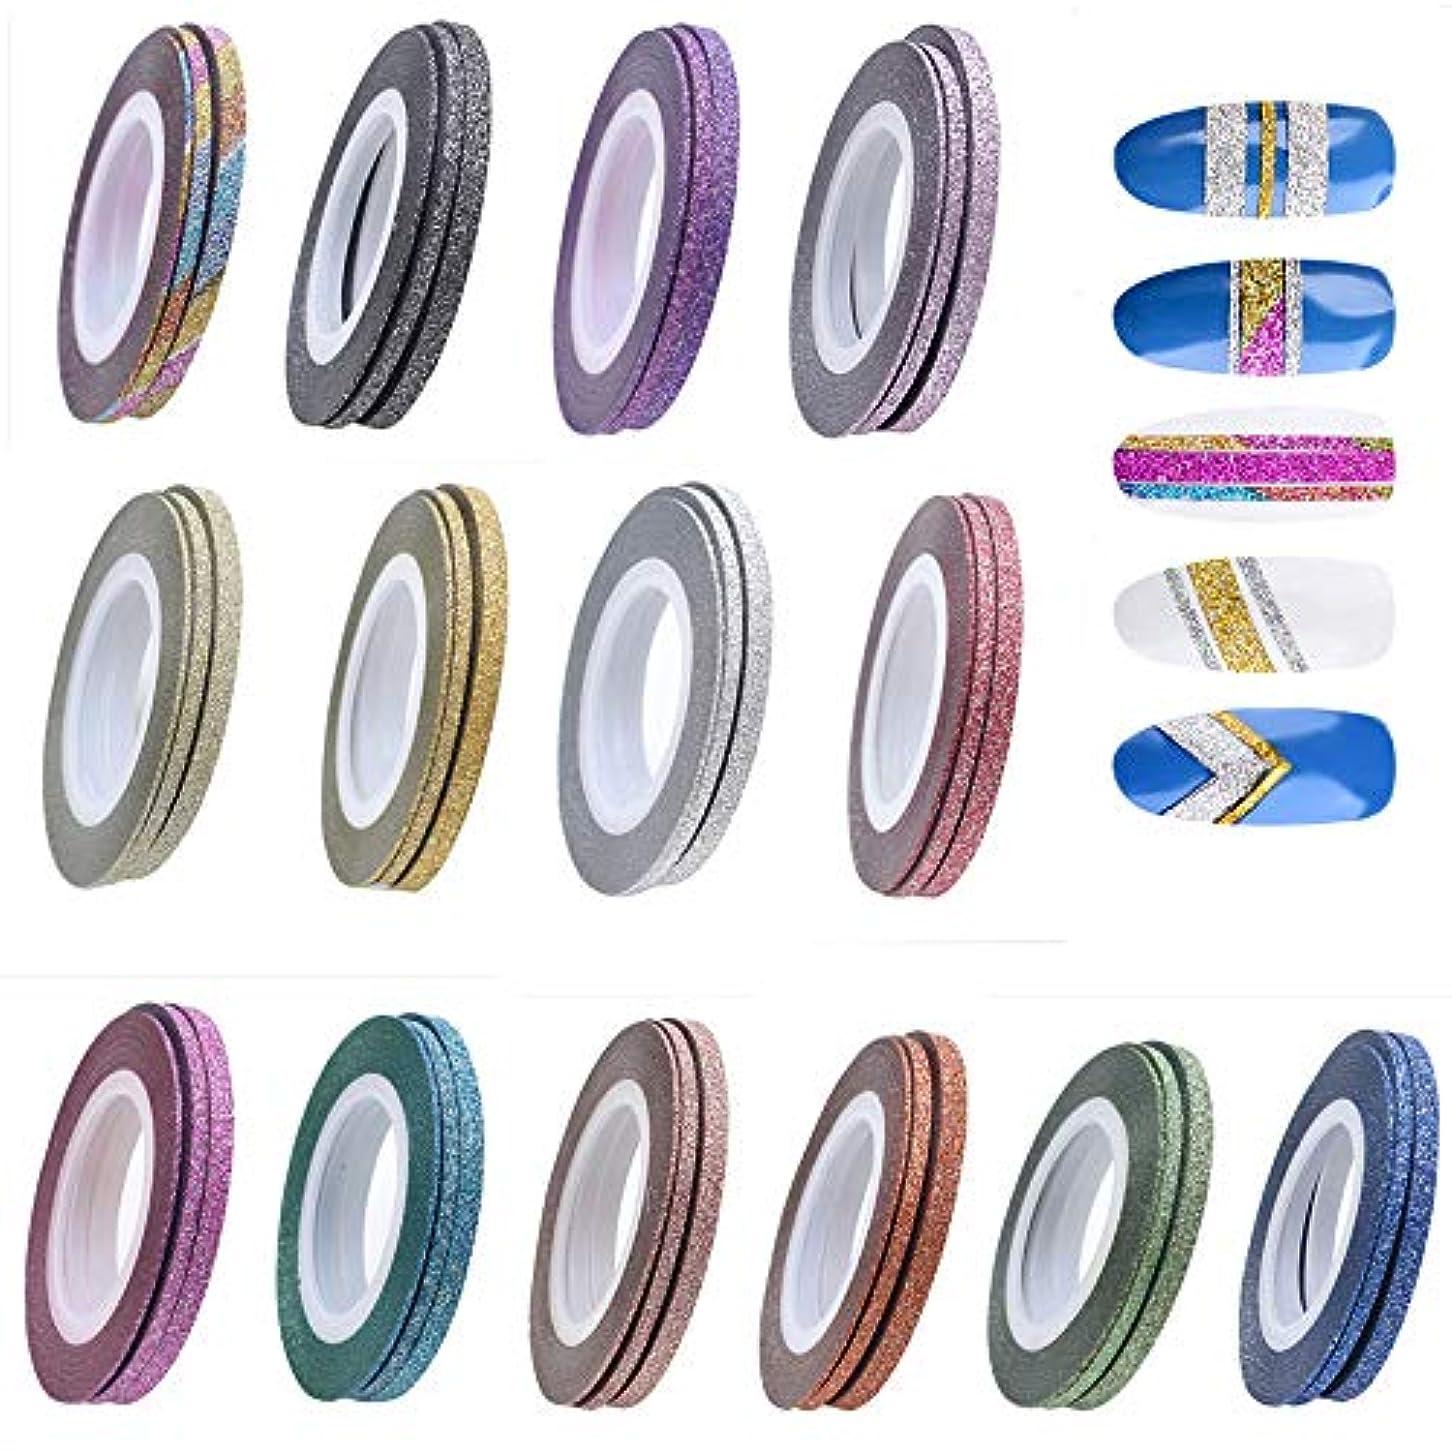 ローマ人空気重々しいネイルアート 艶消しラインテープ 42個セット(1mm/2mm/3mm各14色)ネイルデザインパーツ